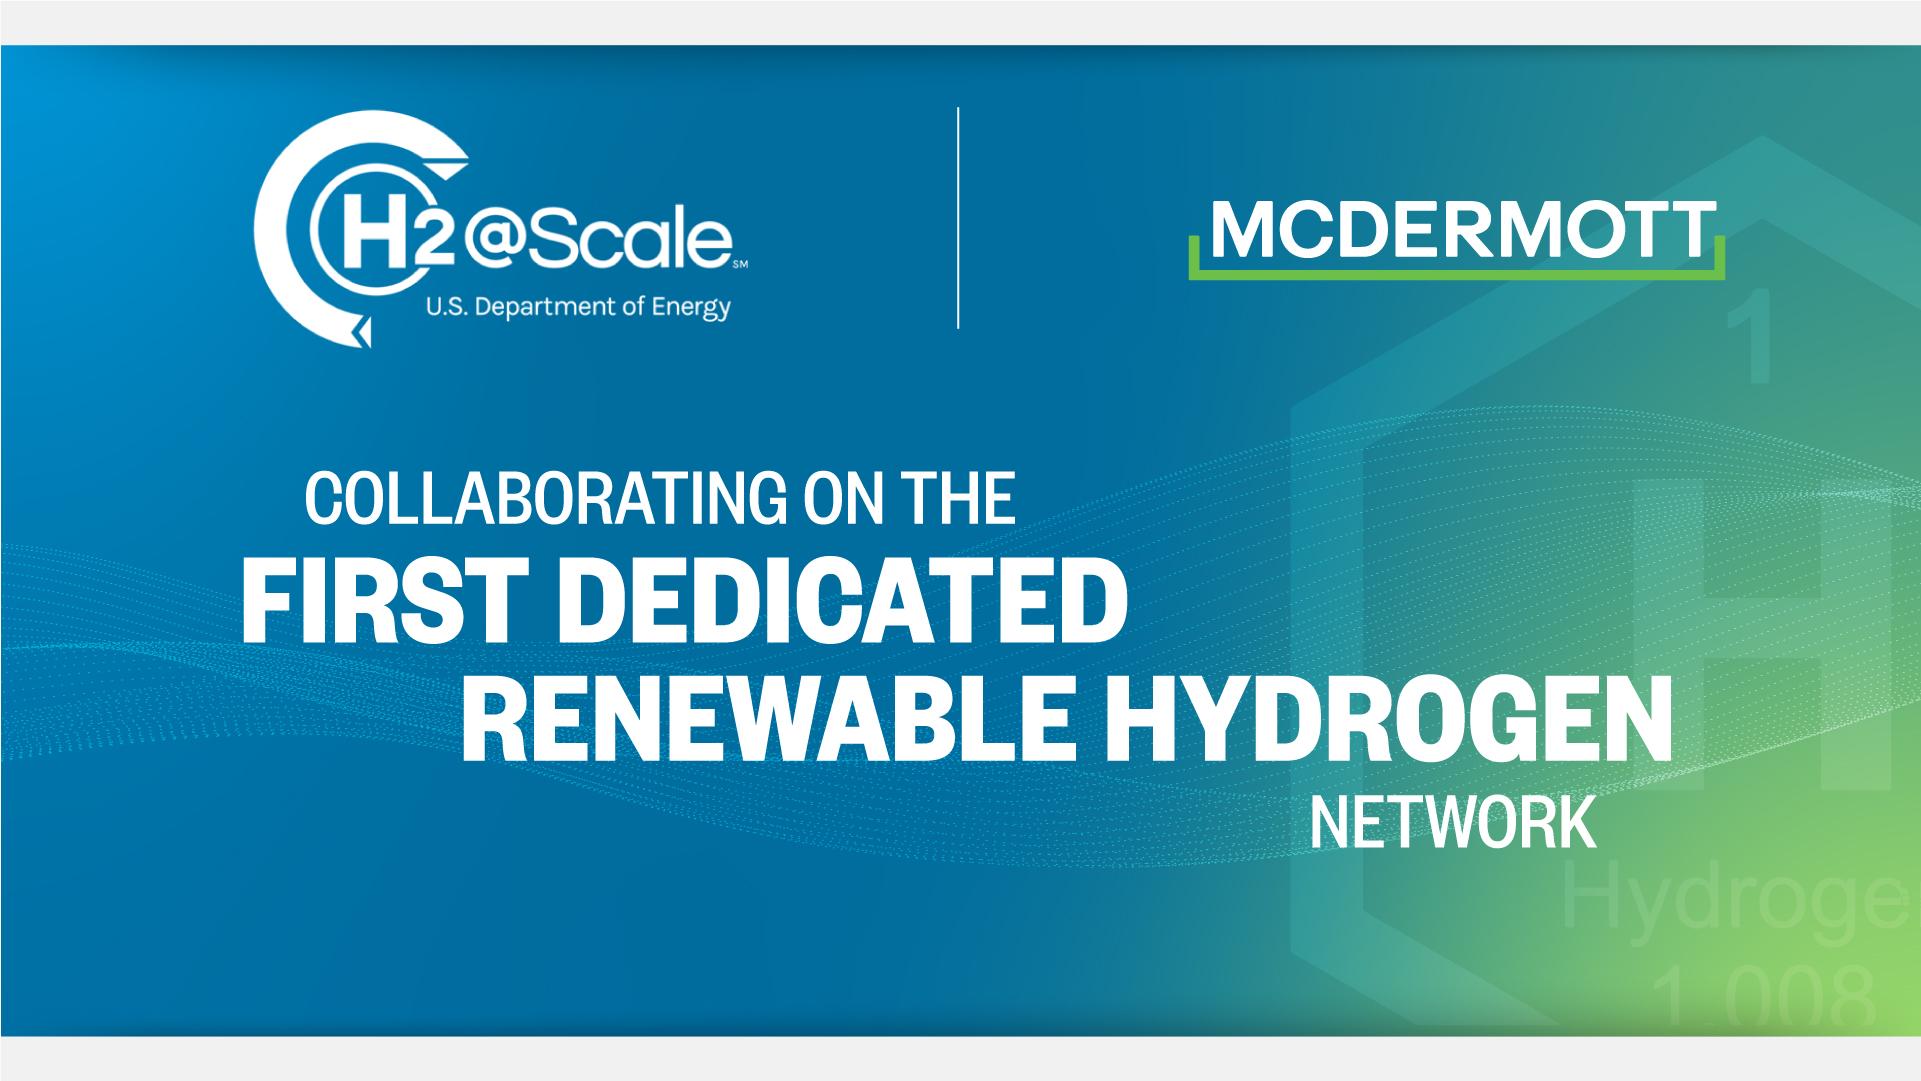 McDermott Hydrogen H2 Scale